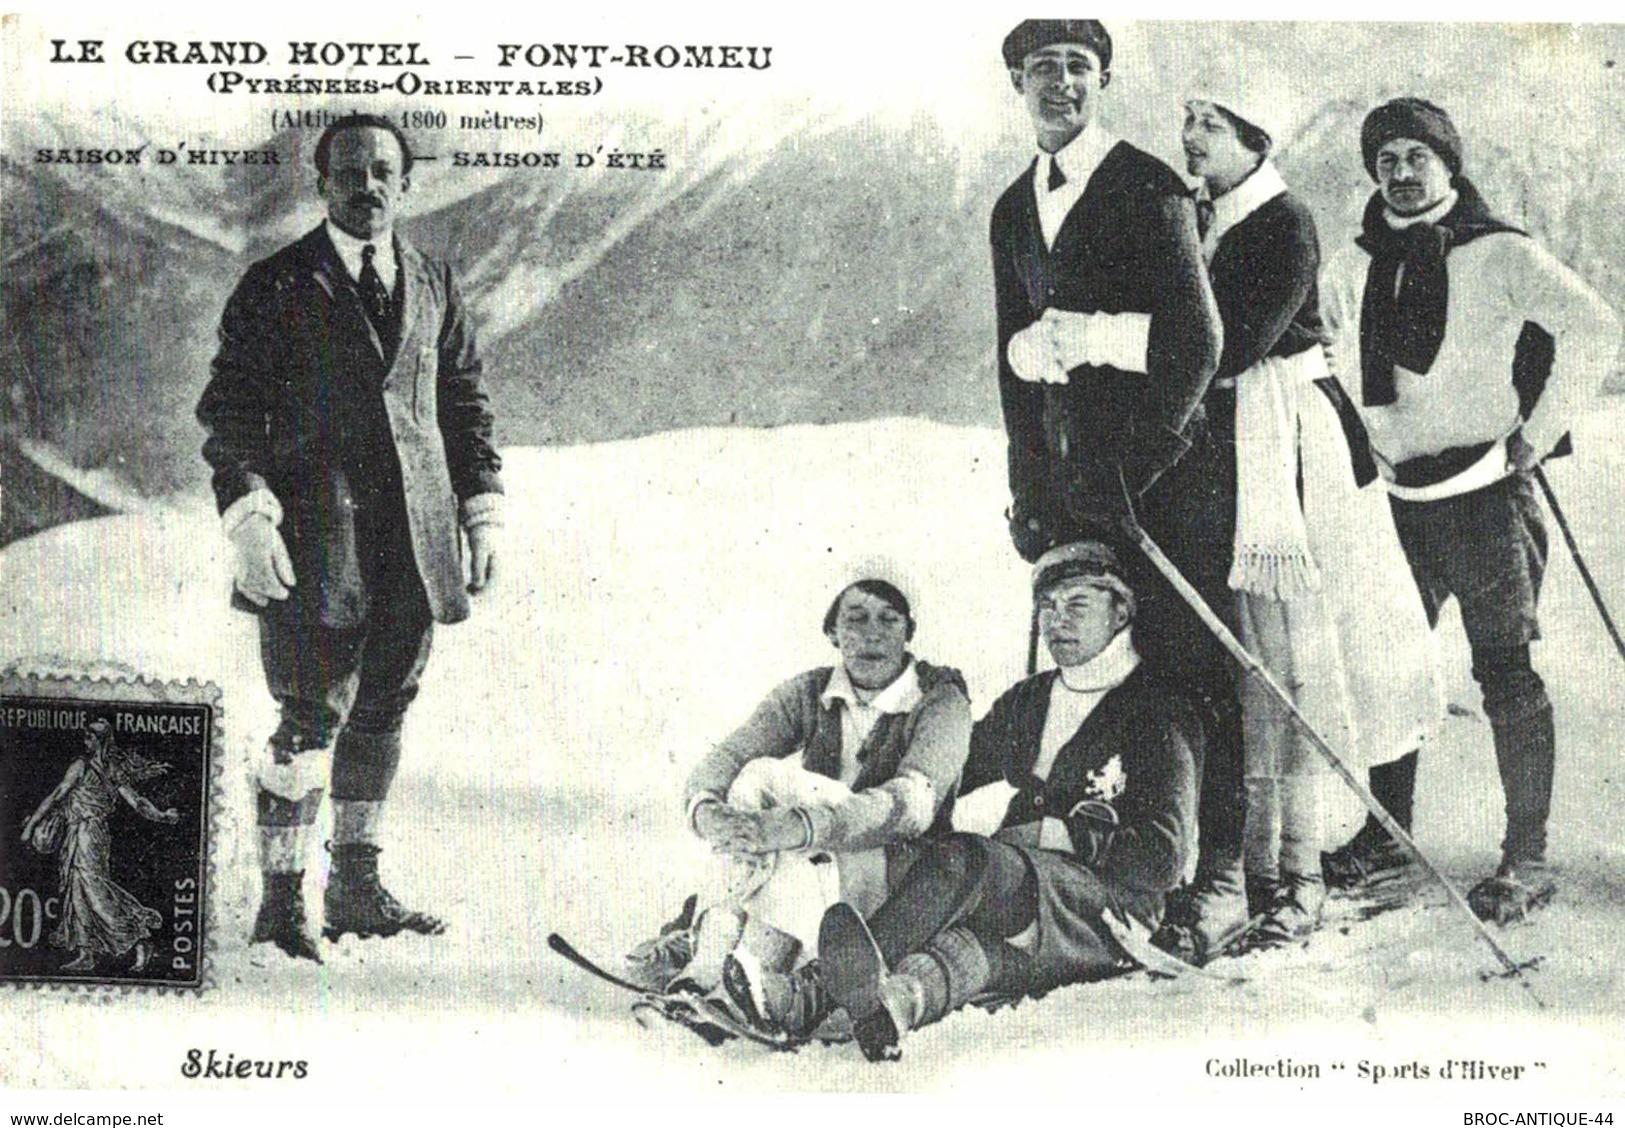 CPA N°24489 - LE GRAND HOTEL - FONT ROMEU - SAISON D' HIVER - SAISON D' ETE - REPRODUCTION - Autres Communes